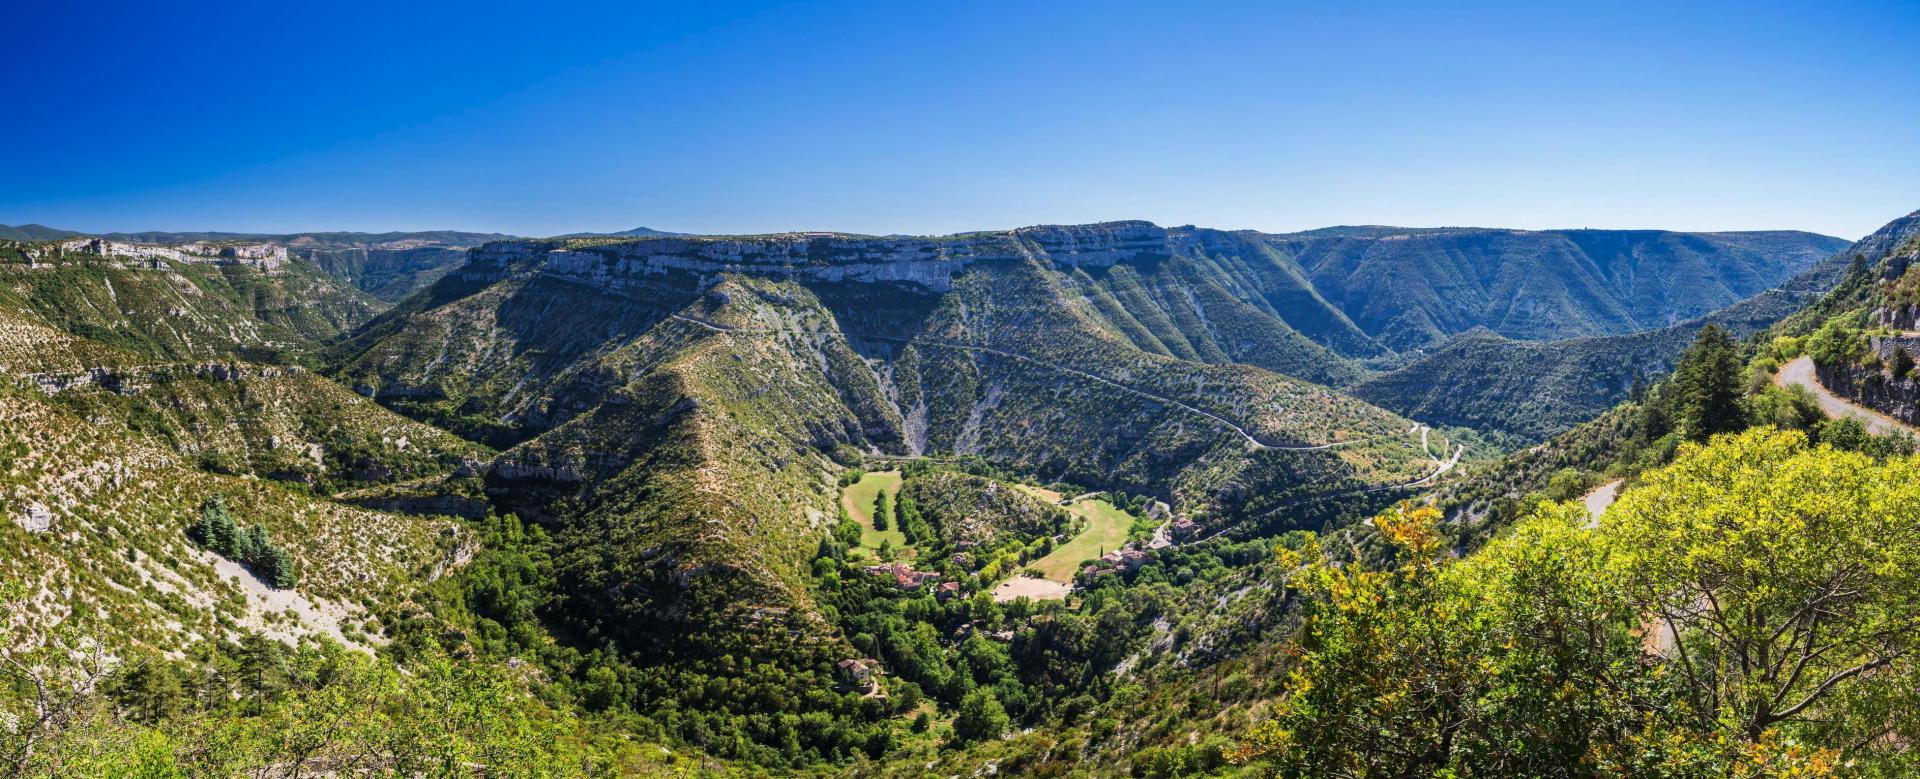 Voyage à pied France : Gtmc 4 : de l'aubrac à saint-guilhem-le-désert